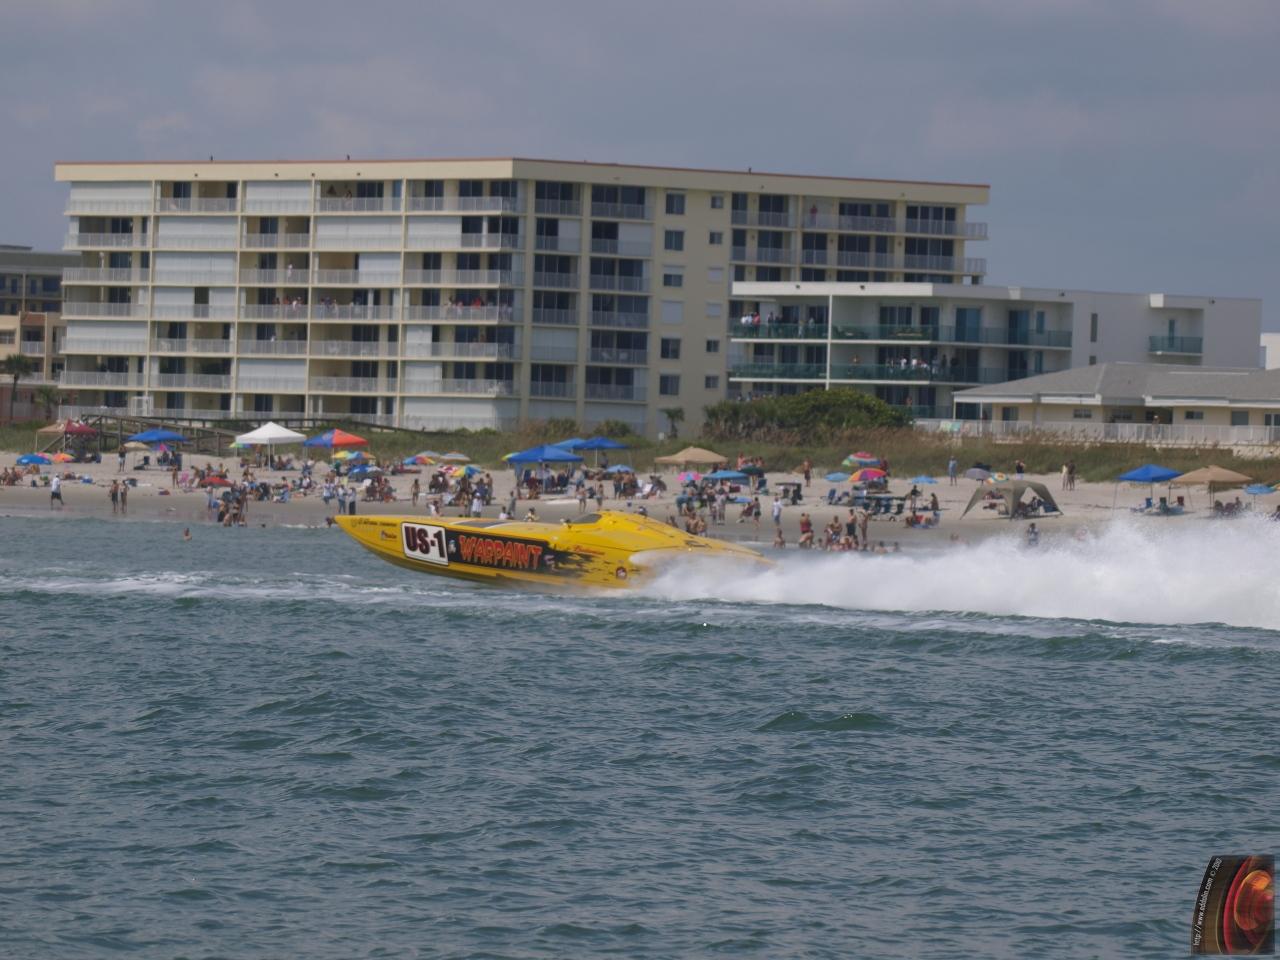 Thunder on the Beach 2010d